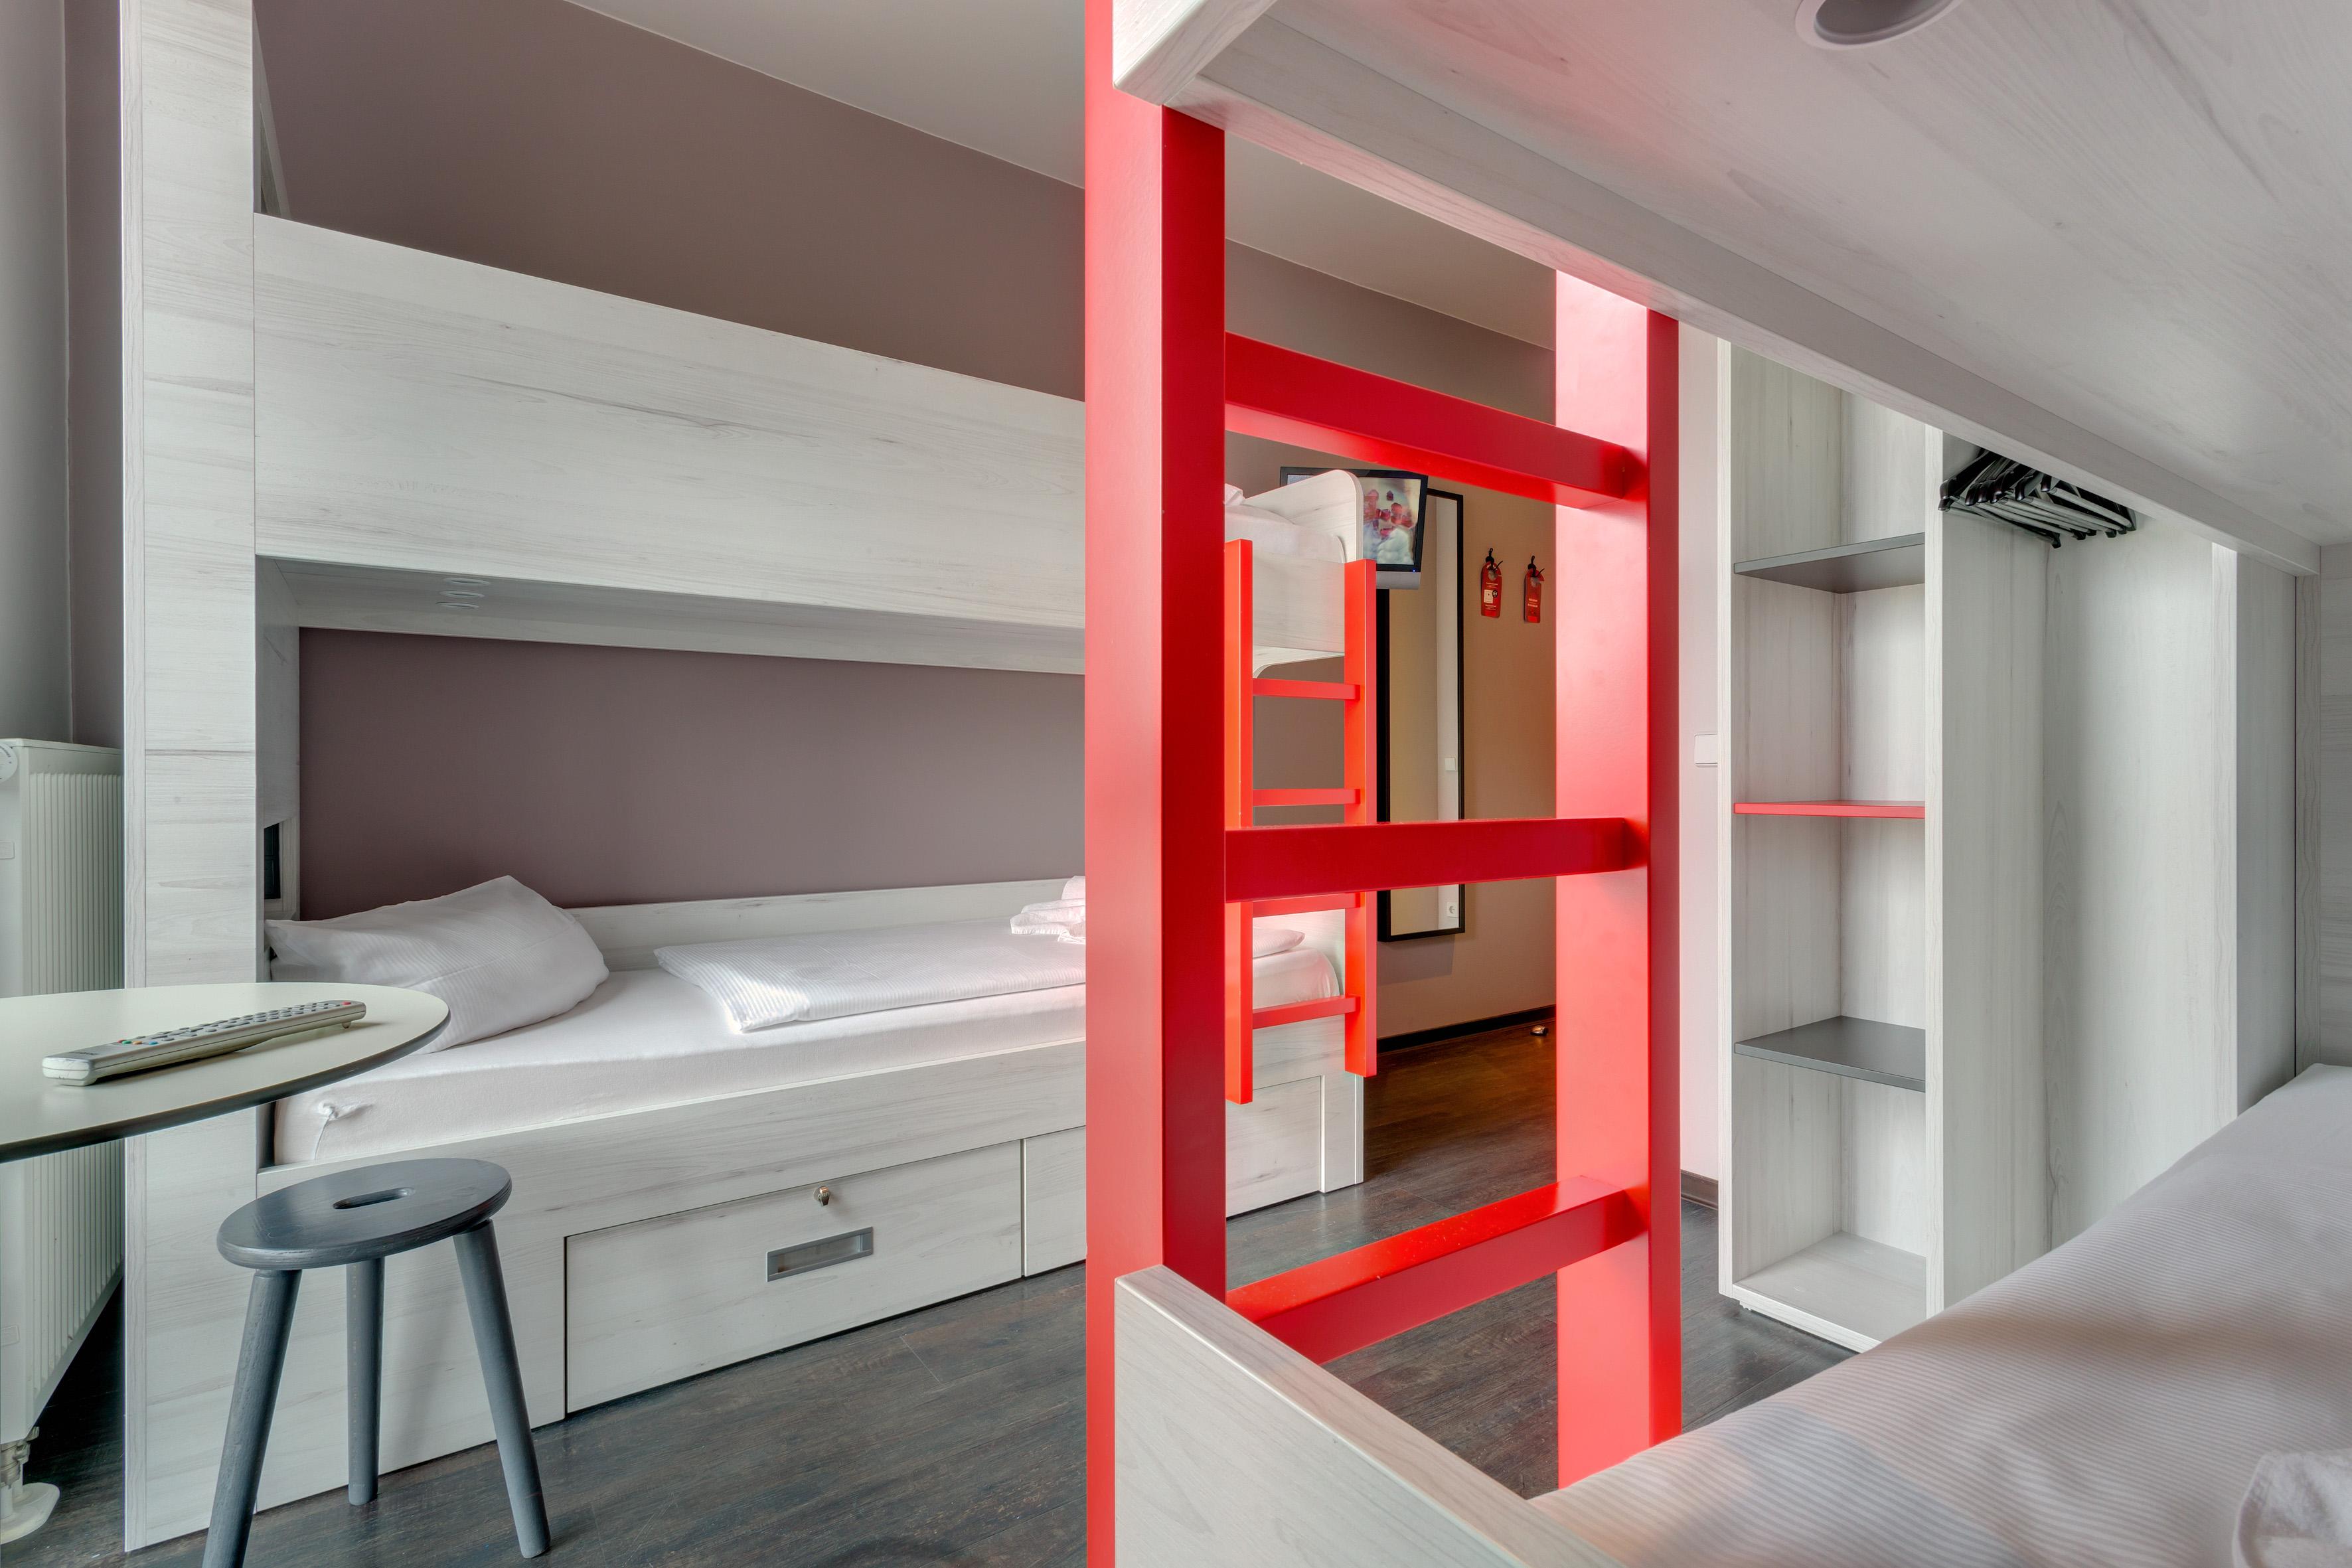 MEININGER Hotel Berlin Alexanderplatz - Dormitory